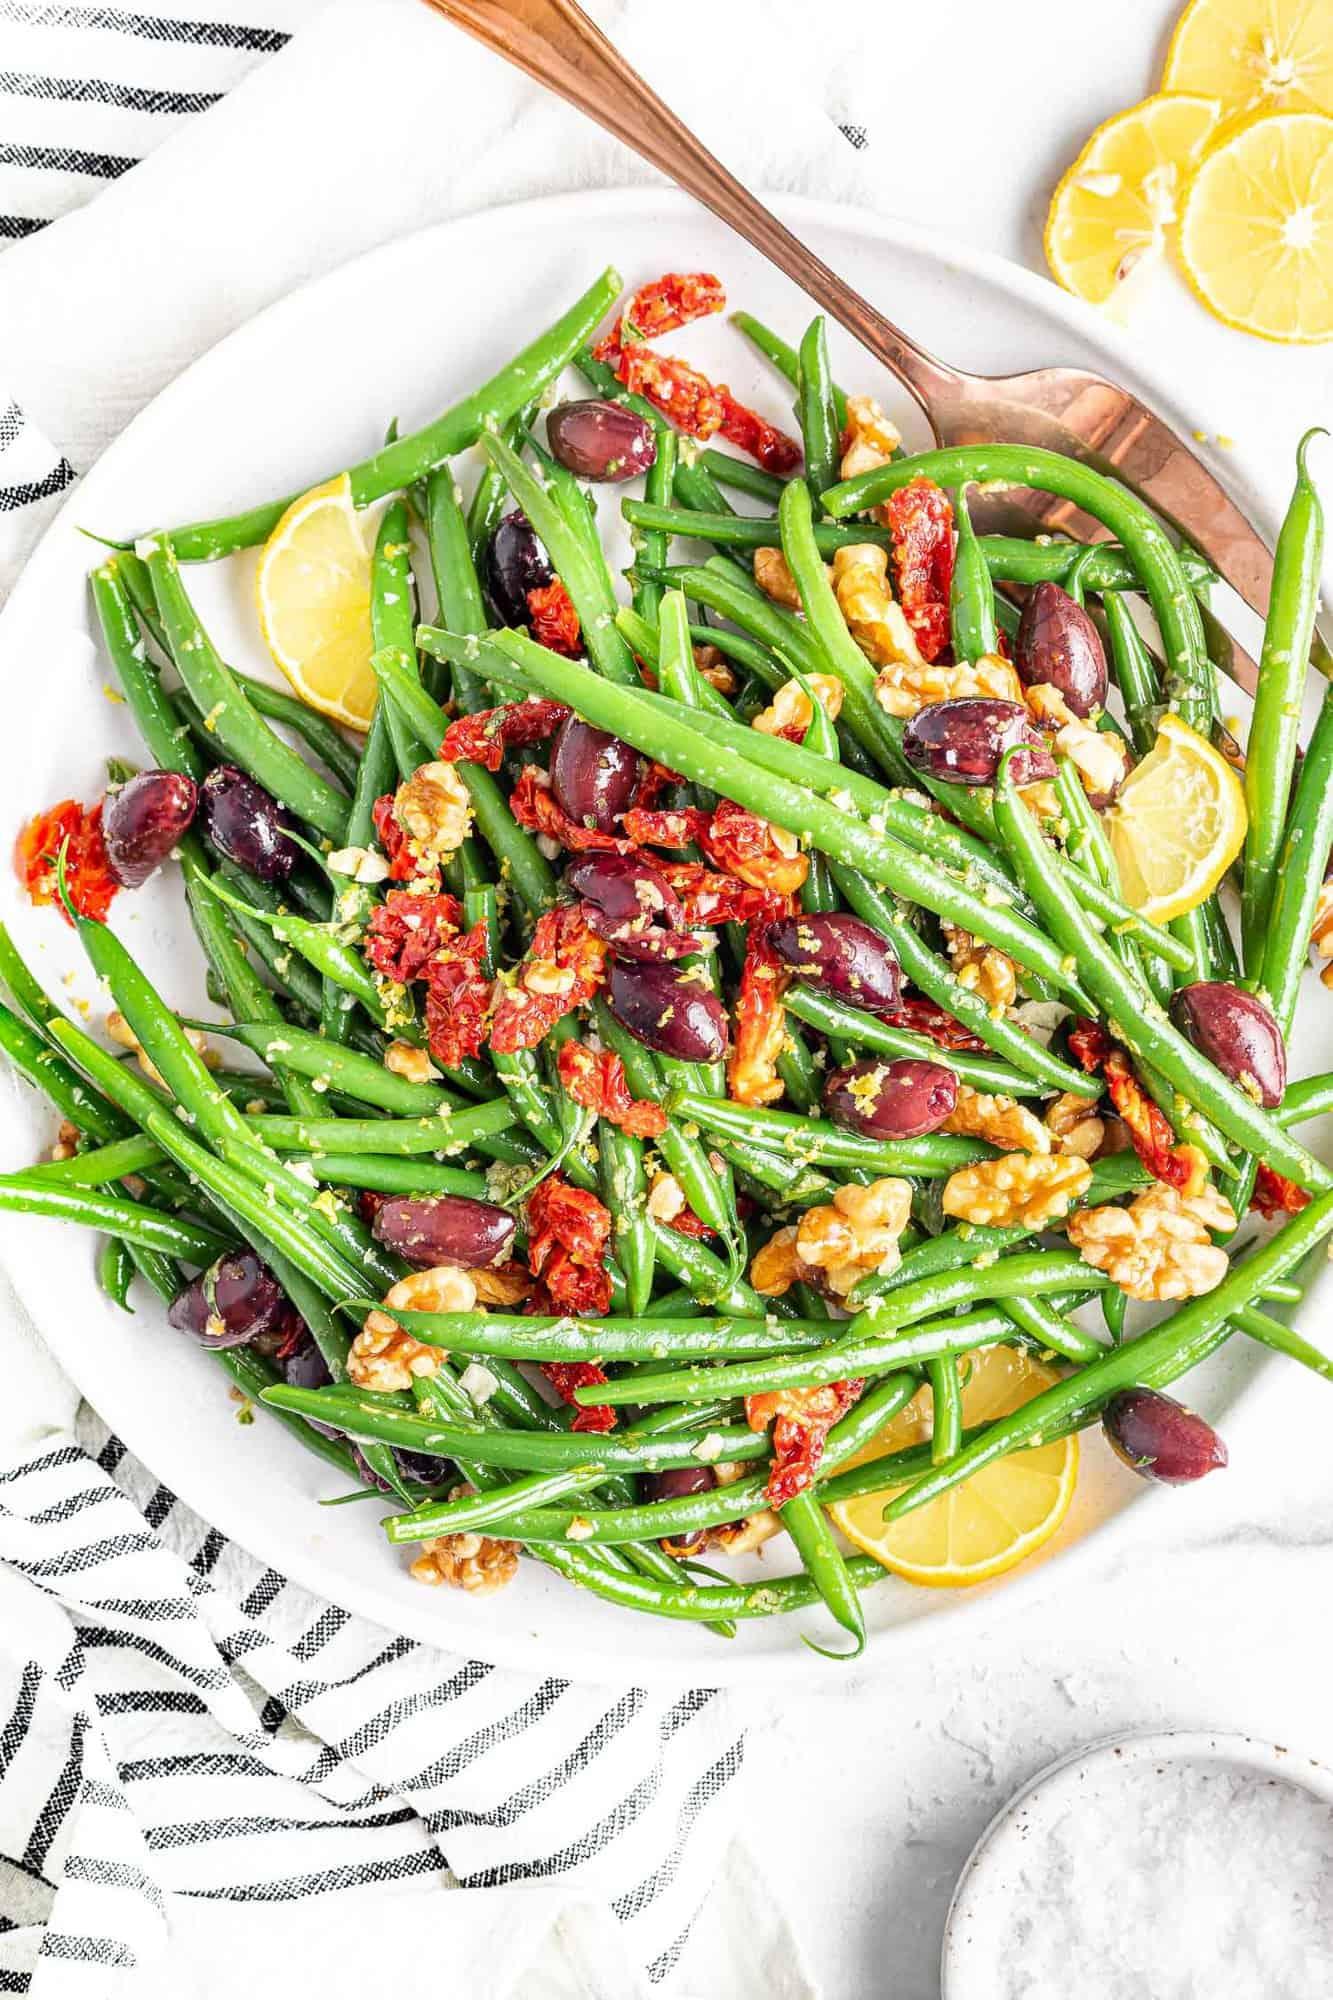 Green bean salad with kalamata olives, walnuts, and sun dried tomatoes.